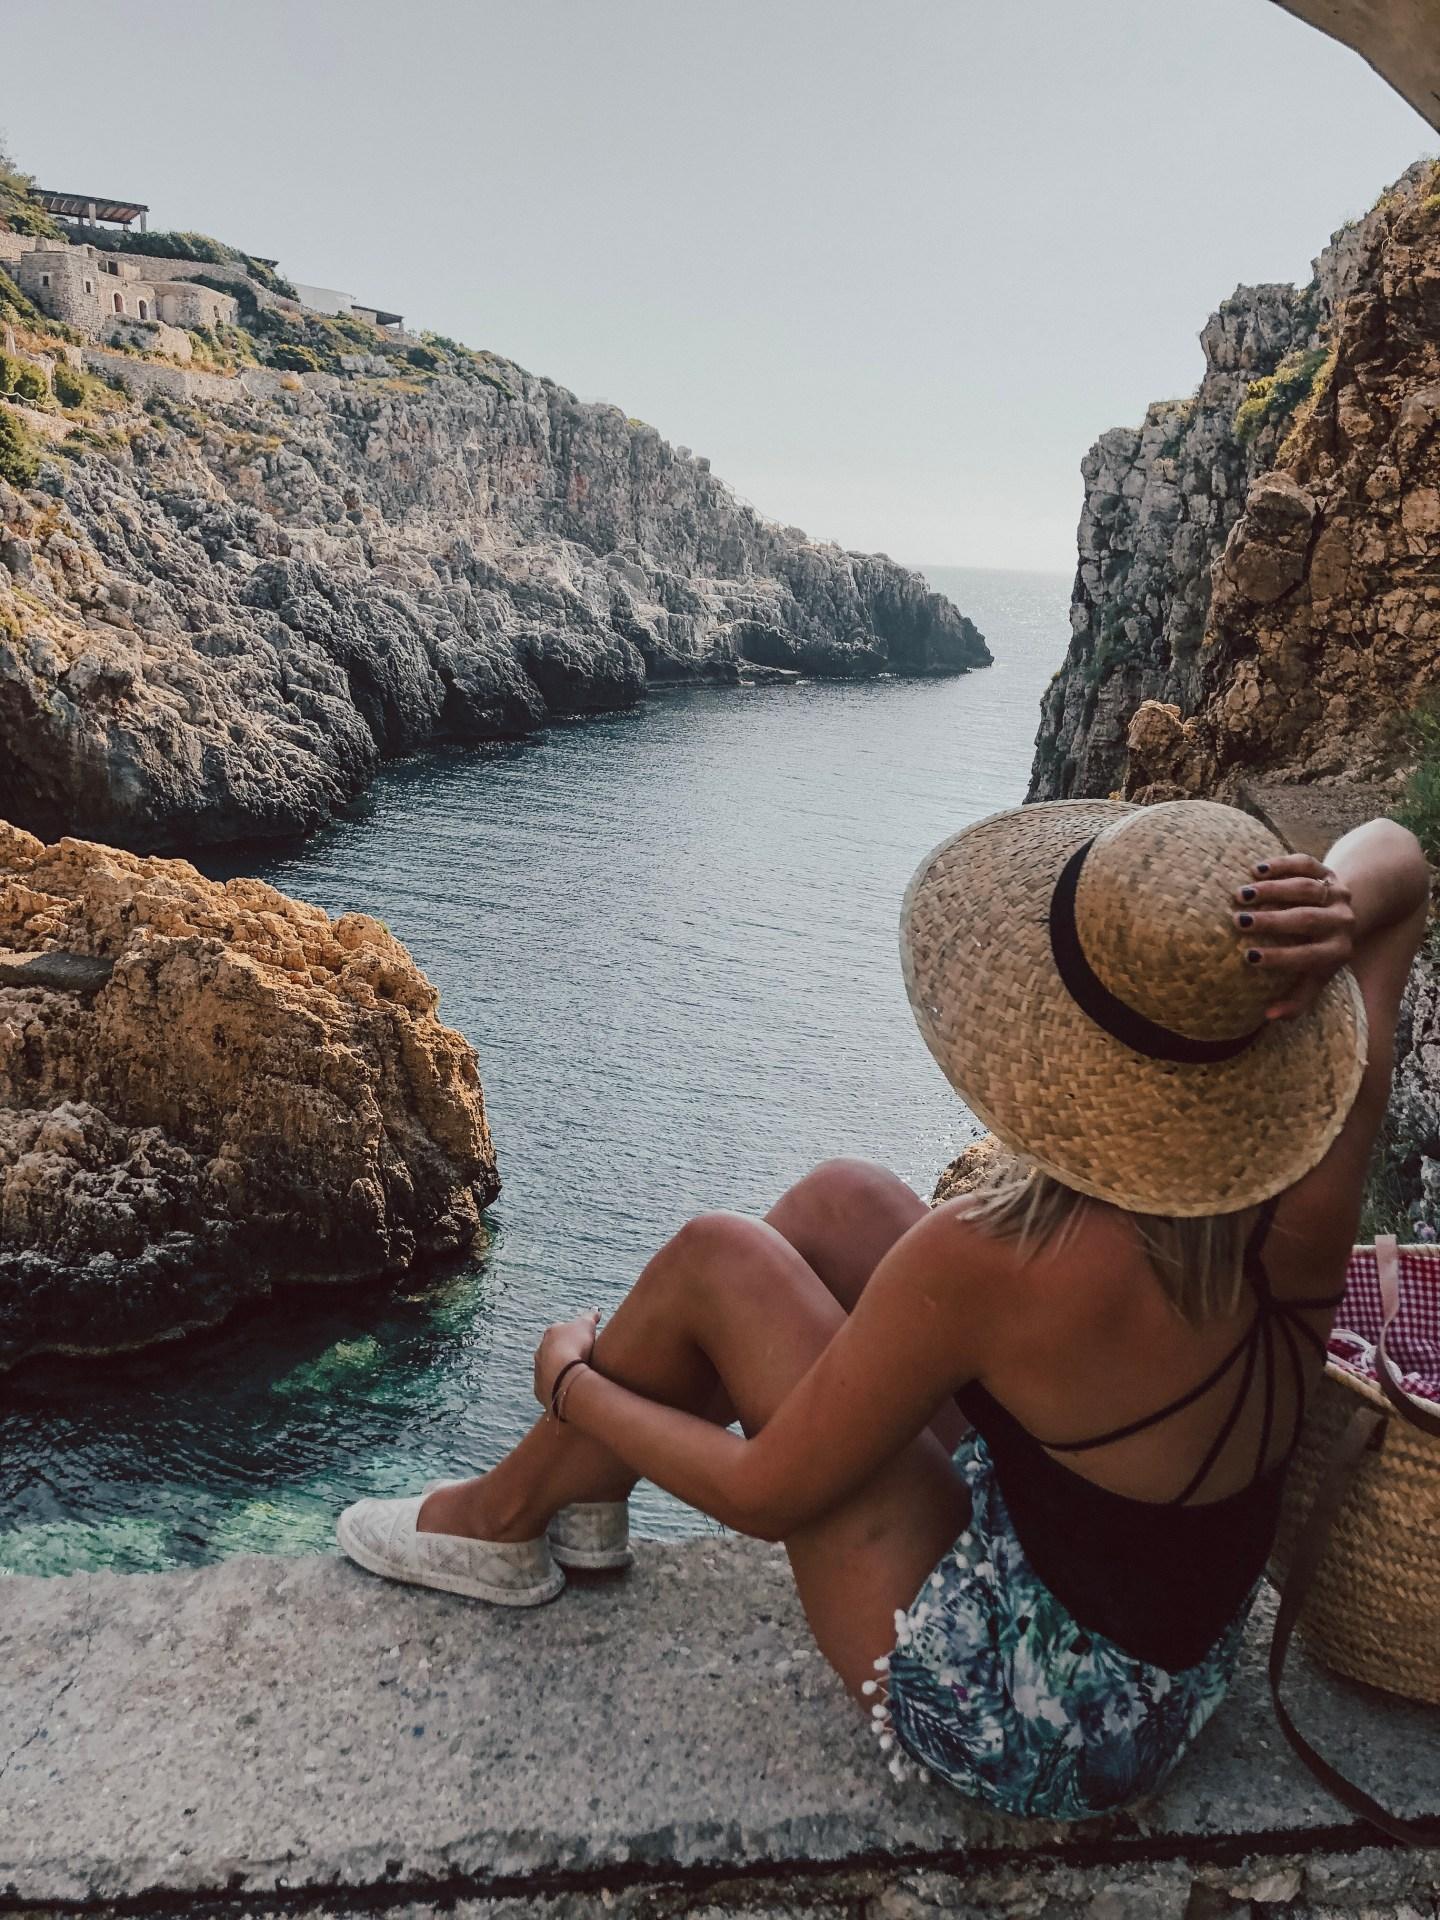 Apulien, Reisebericht, Traveldiary Apulien, Salento, Tipps für Apulien, Italienreise, Travelblogger, Apulienreise, Tipps für Salento, Salento, Italy,